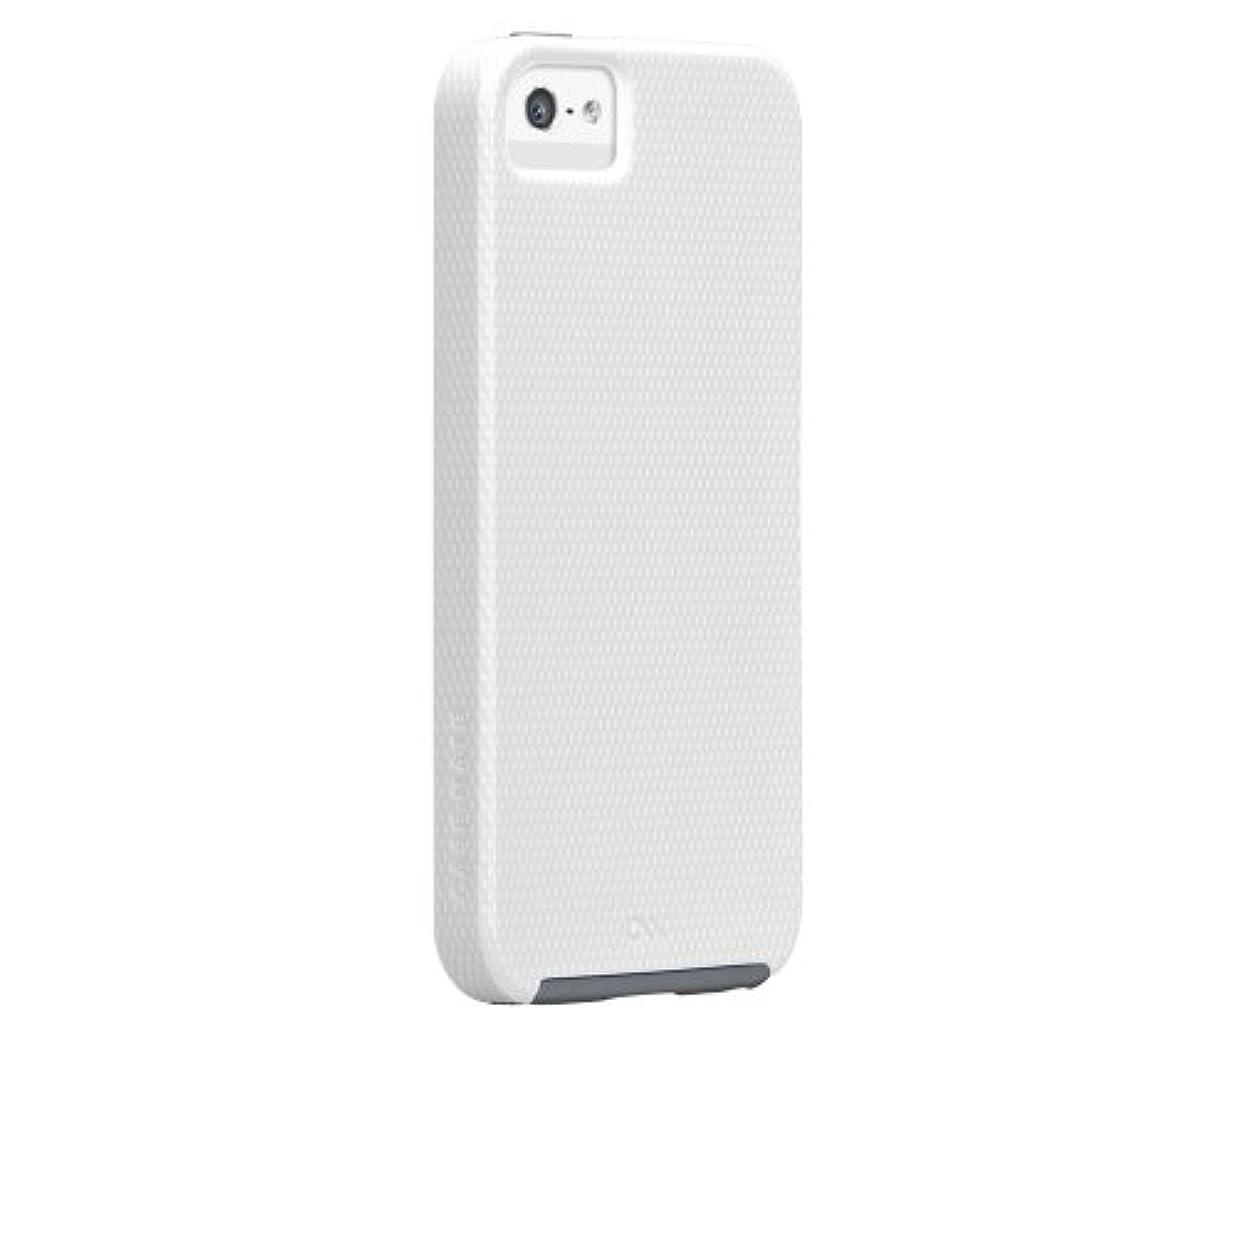 百年万歳レベルCase-Mate 日本正規品 iPhoneSE / 5s / 5 Hybrid Tough Case, White / Titanium Grey ハイブリッド タフ ケース CM023417